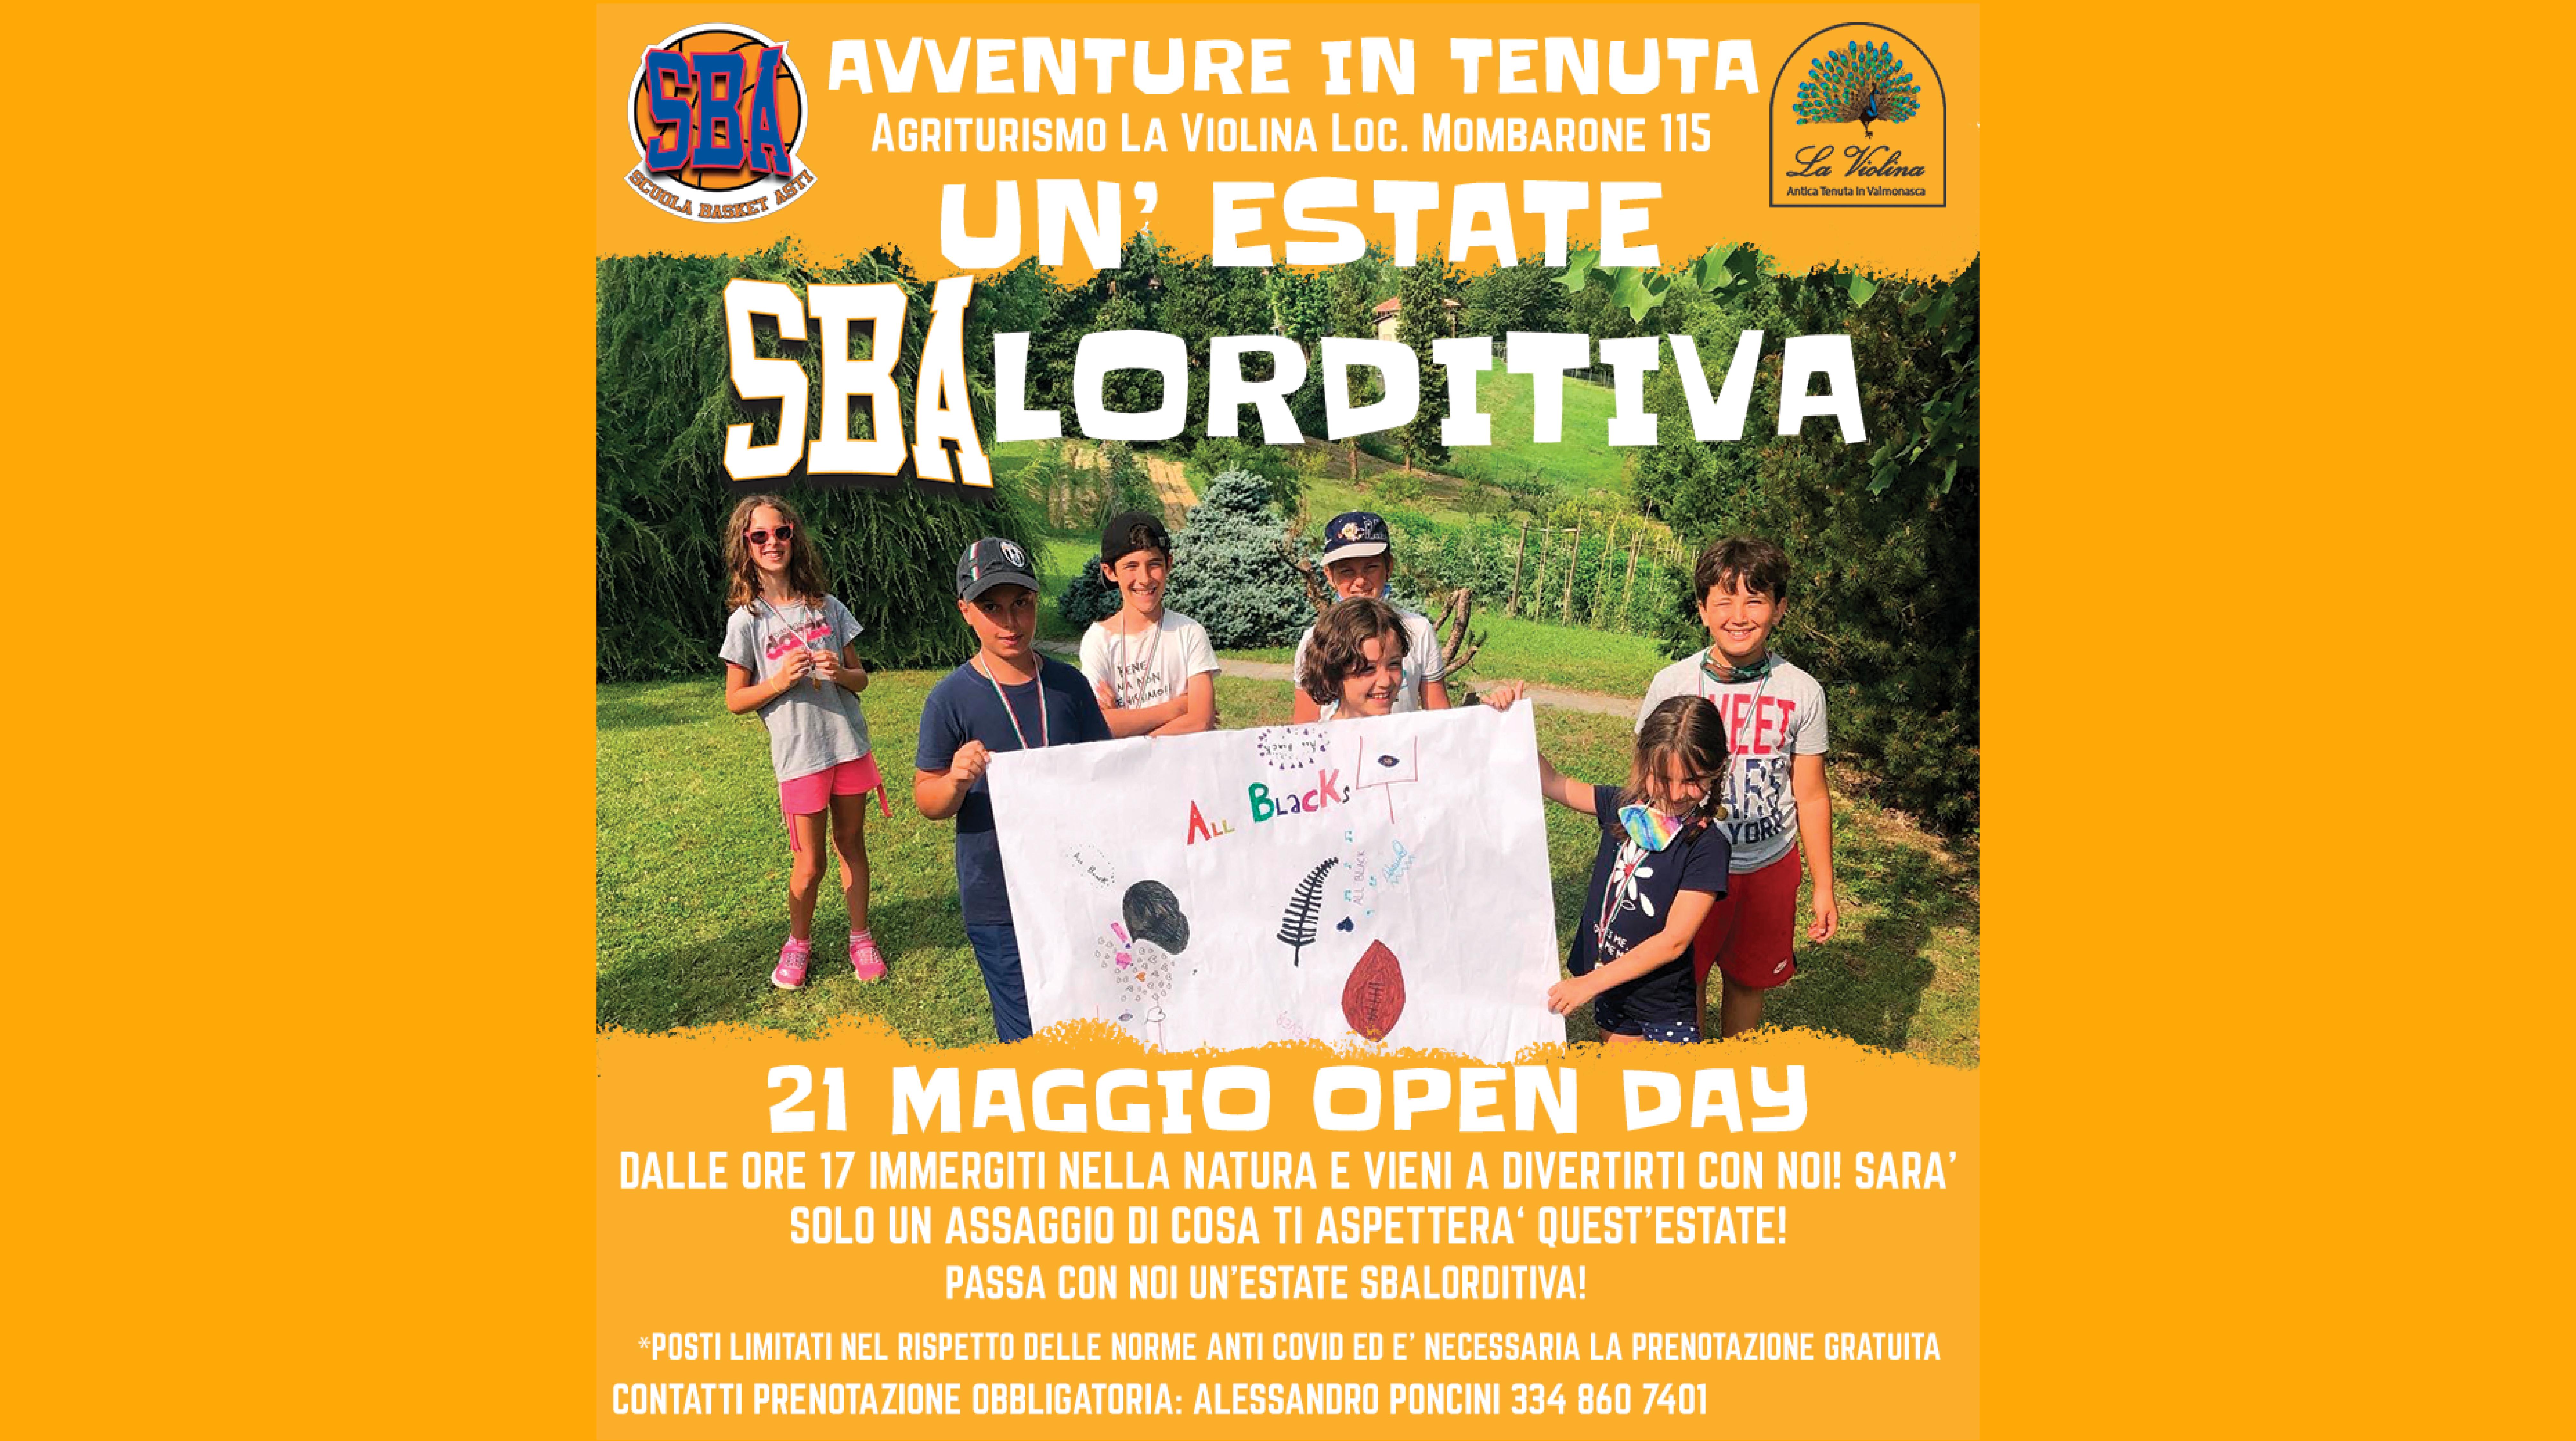 Open Day: un'Estate di SBAlorditiva!